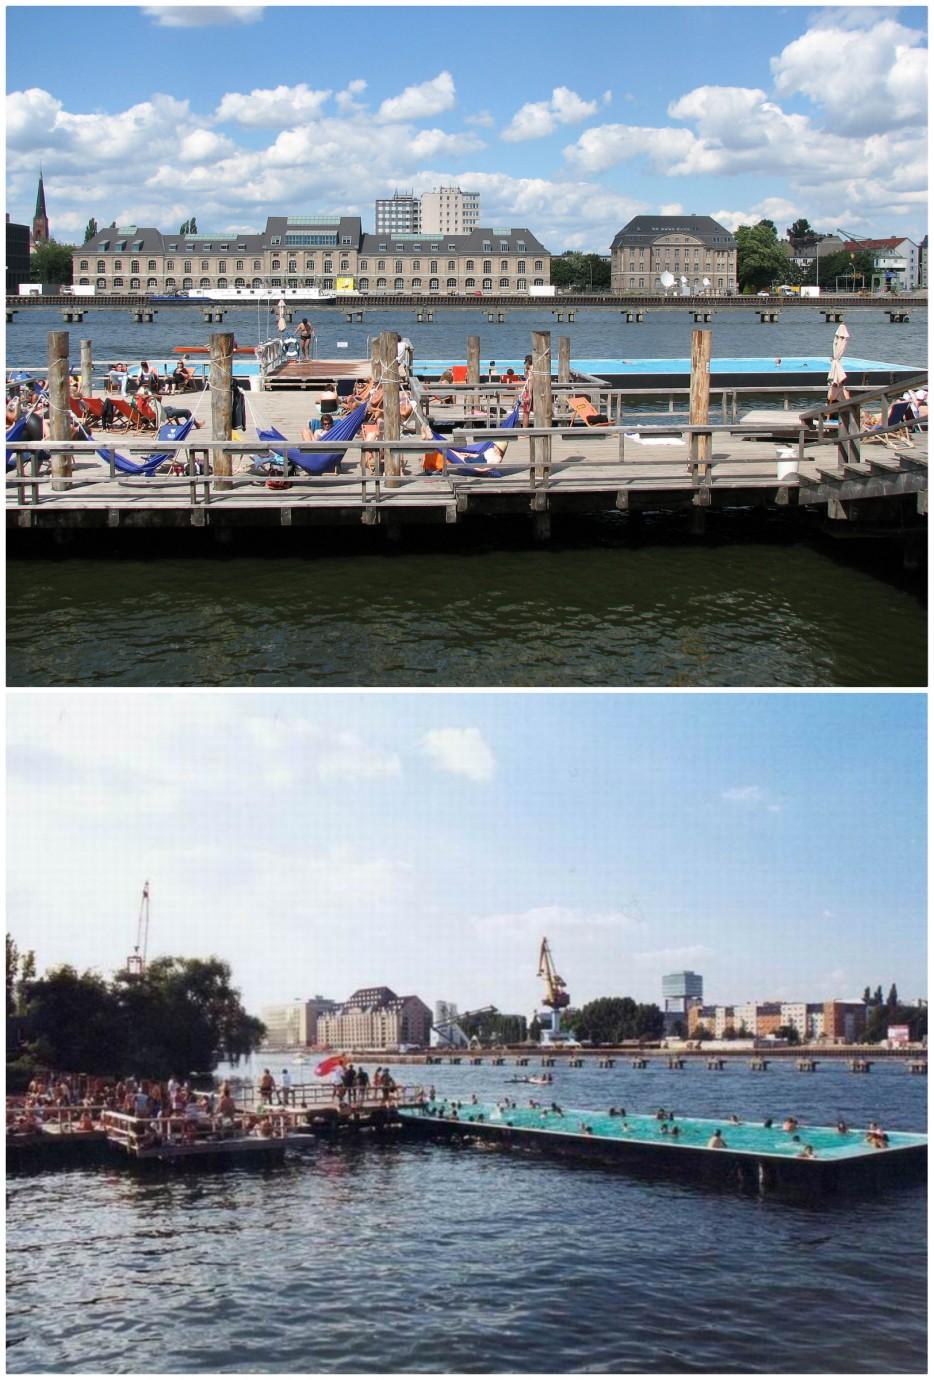 8. 漂浮的游泳池:德國柏林(Berlin)